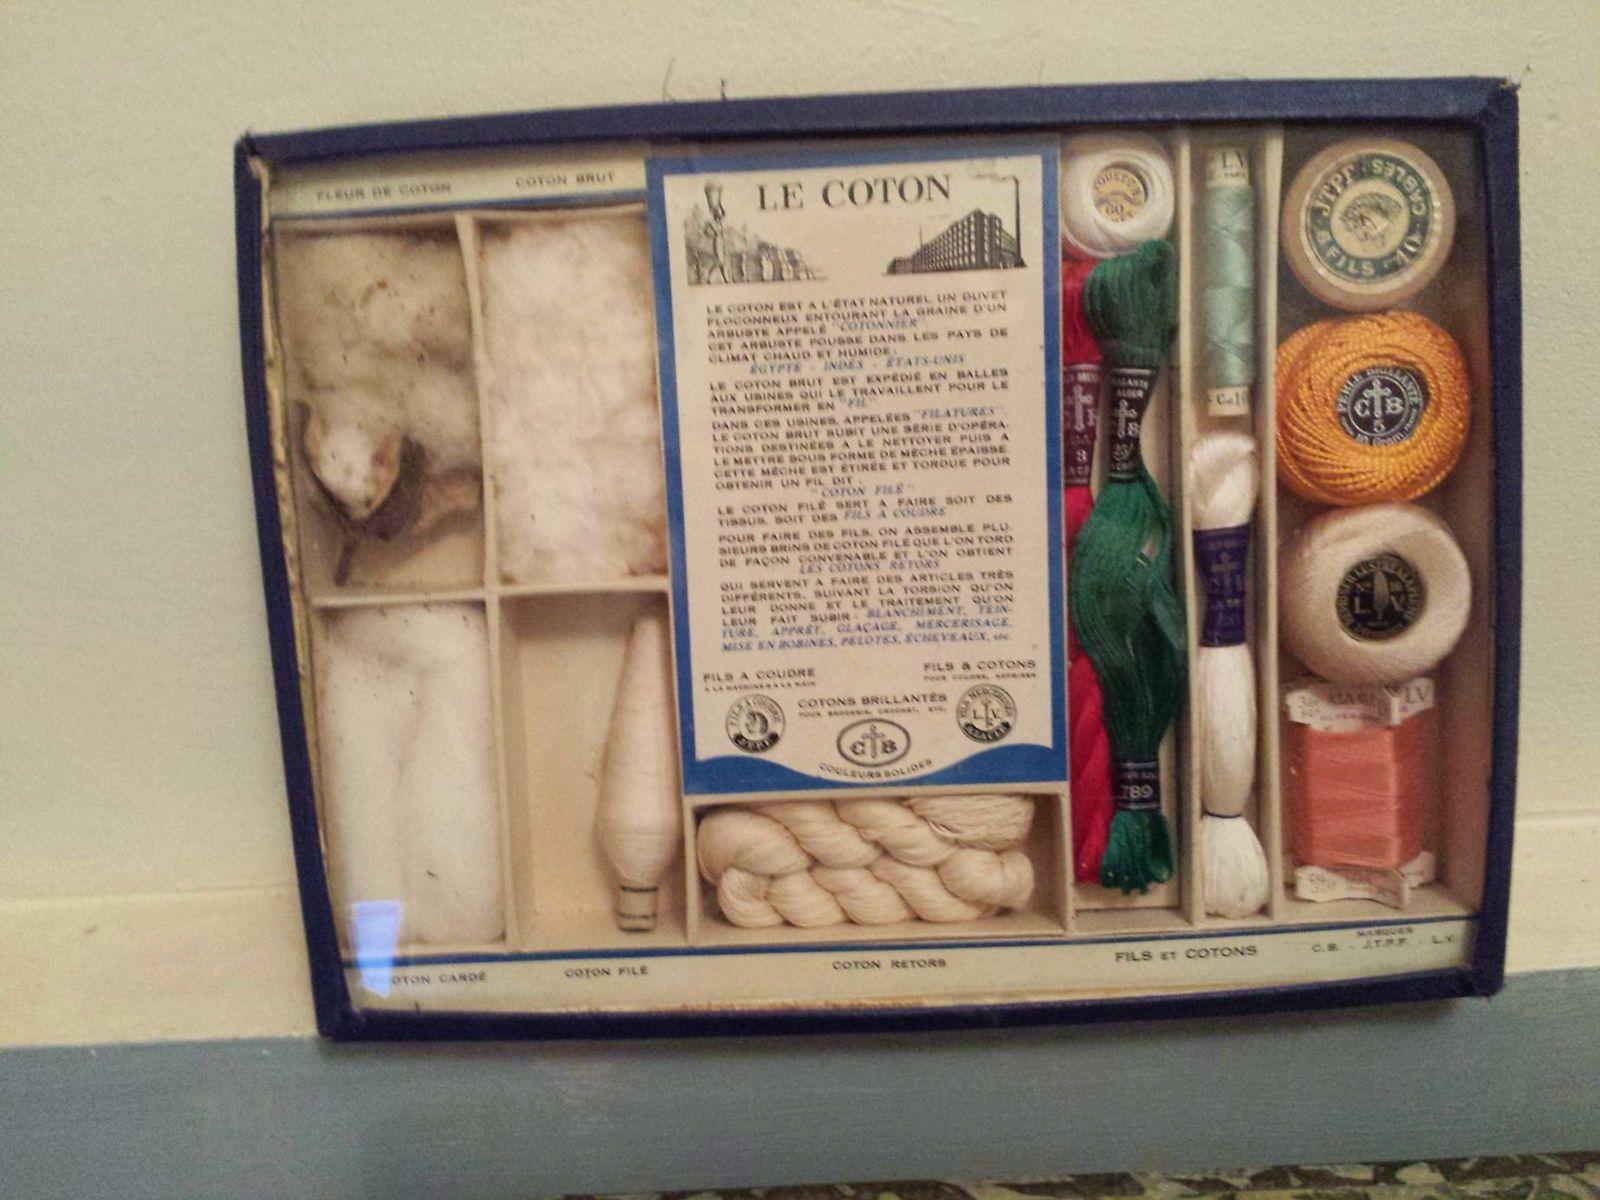 Collection Cartier Bresson, boîte ancienne le process du coton